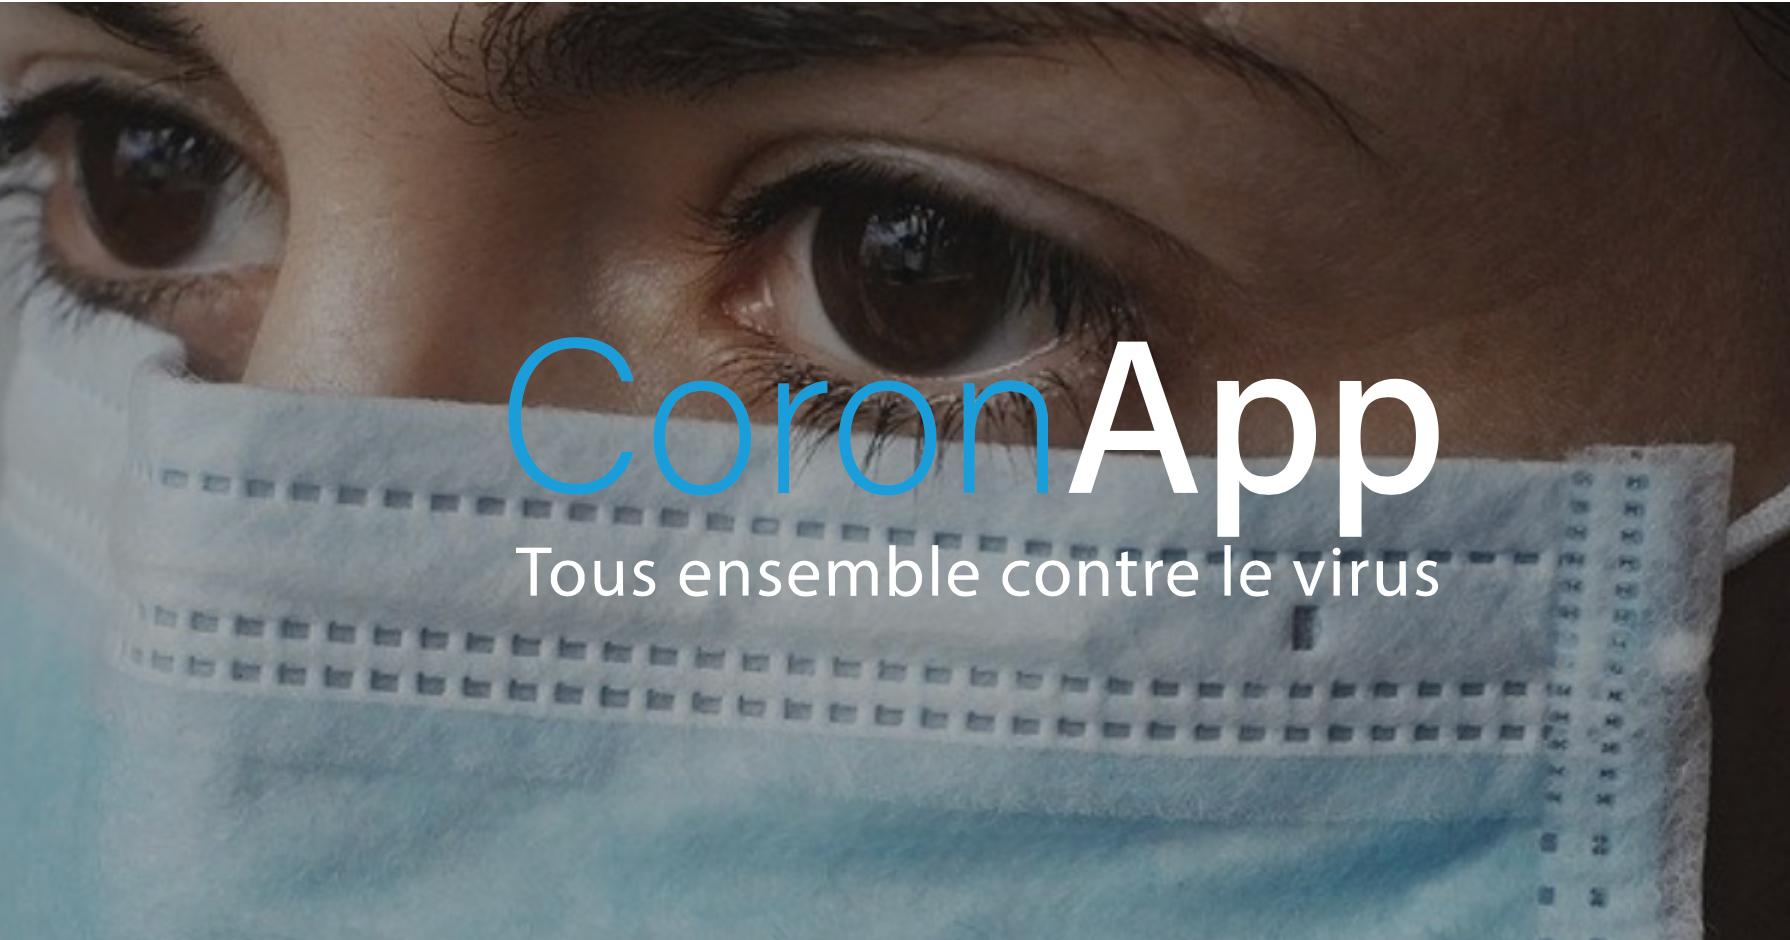 coronapp - CoronApp, l'application qui géolocalise les infectés